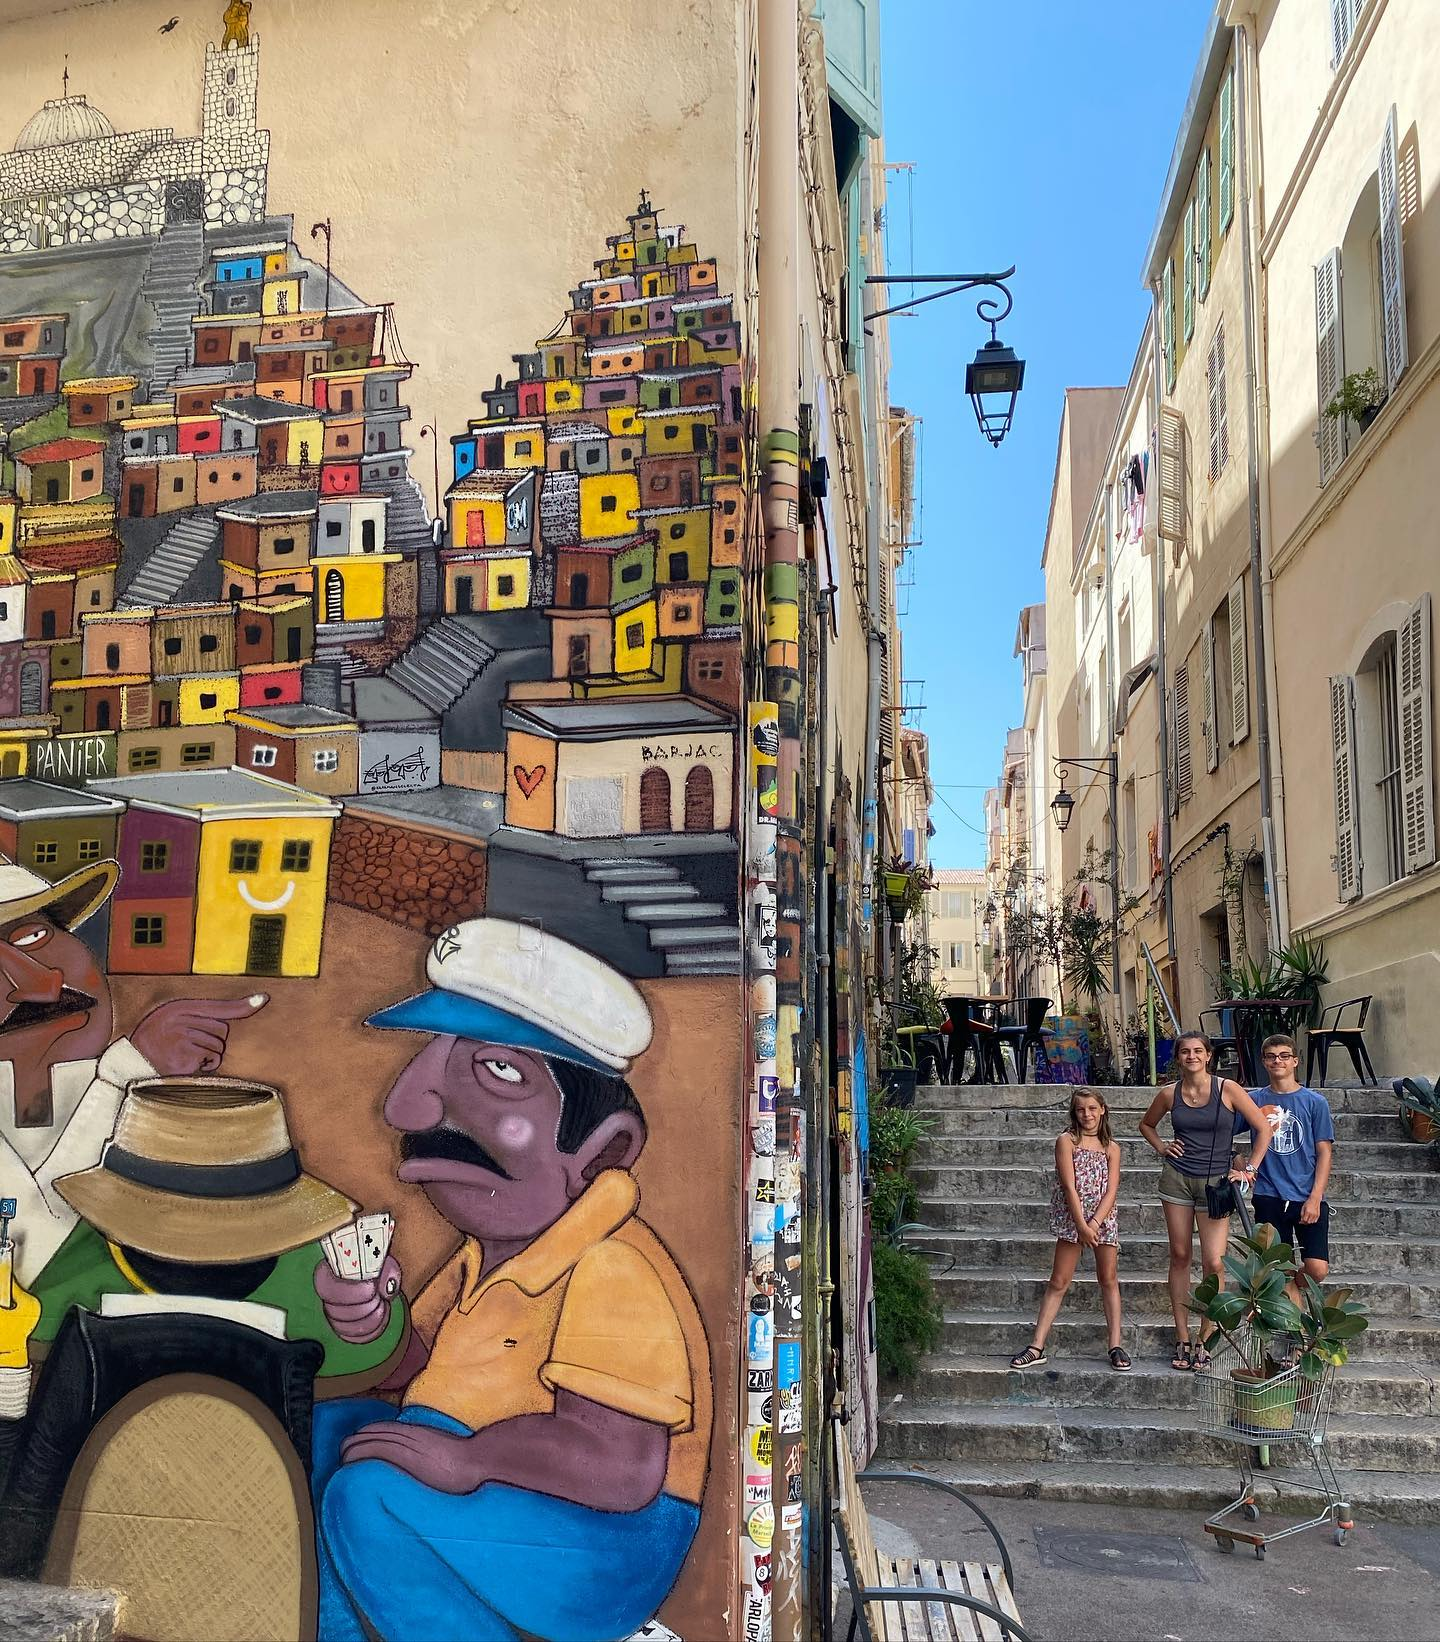 Marseille - J'ai trouvé un moyen de me souvenir qu'on ne met pas de S à la fin de Marseille ! C'est simple, c'est parce qu'il n'y a qu'une sardine qui a bloqué son port . Sinon on s'est promenés au Mucem, dans les rues du Panier, on a traqué le street art et très bien mangé au restau @lapassarellemarseille. Maintenant on cherche l'ombre avant notre partie d'escape game :). #marseille